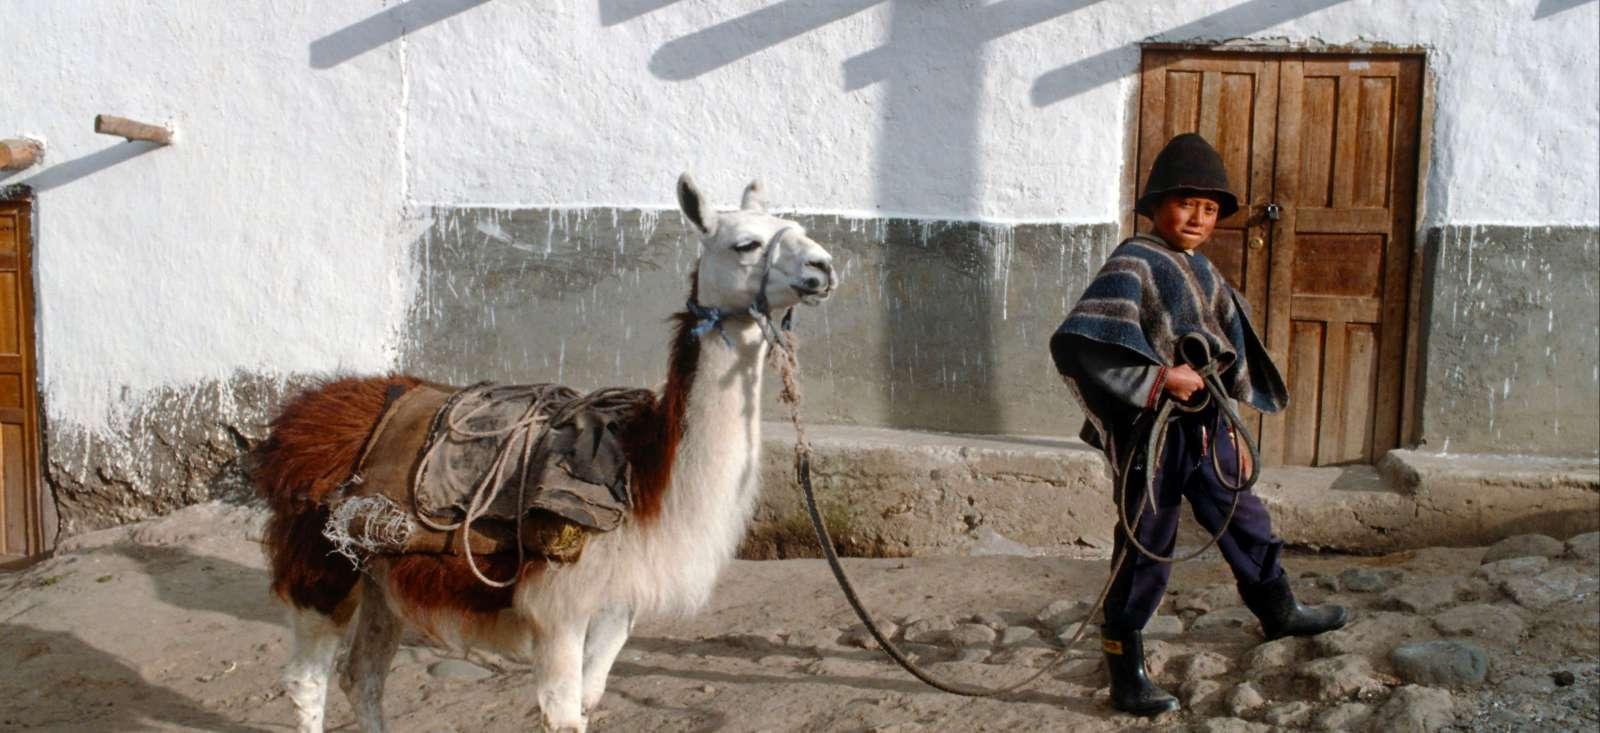 Voyage à pied : Au pays du lama qui rit